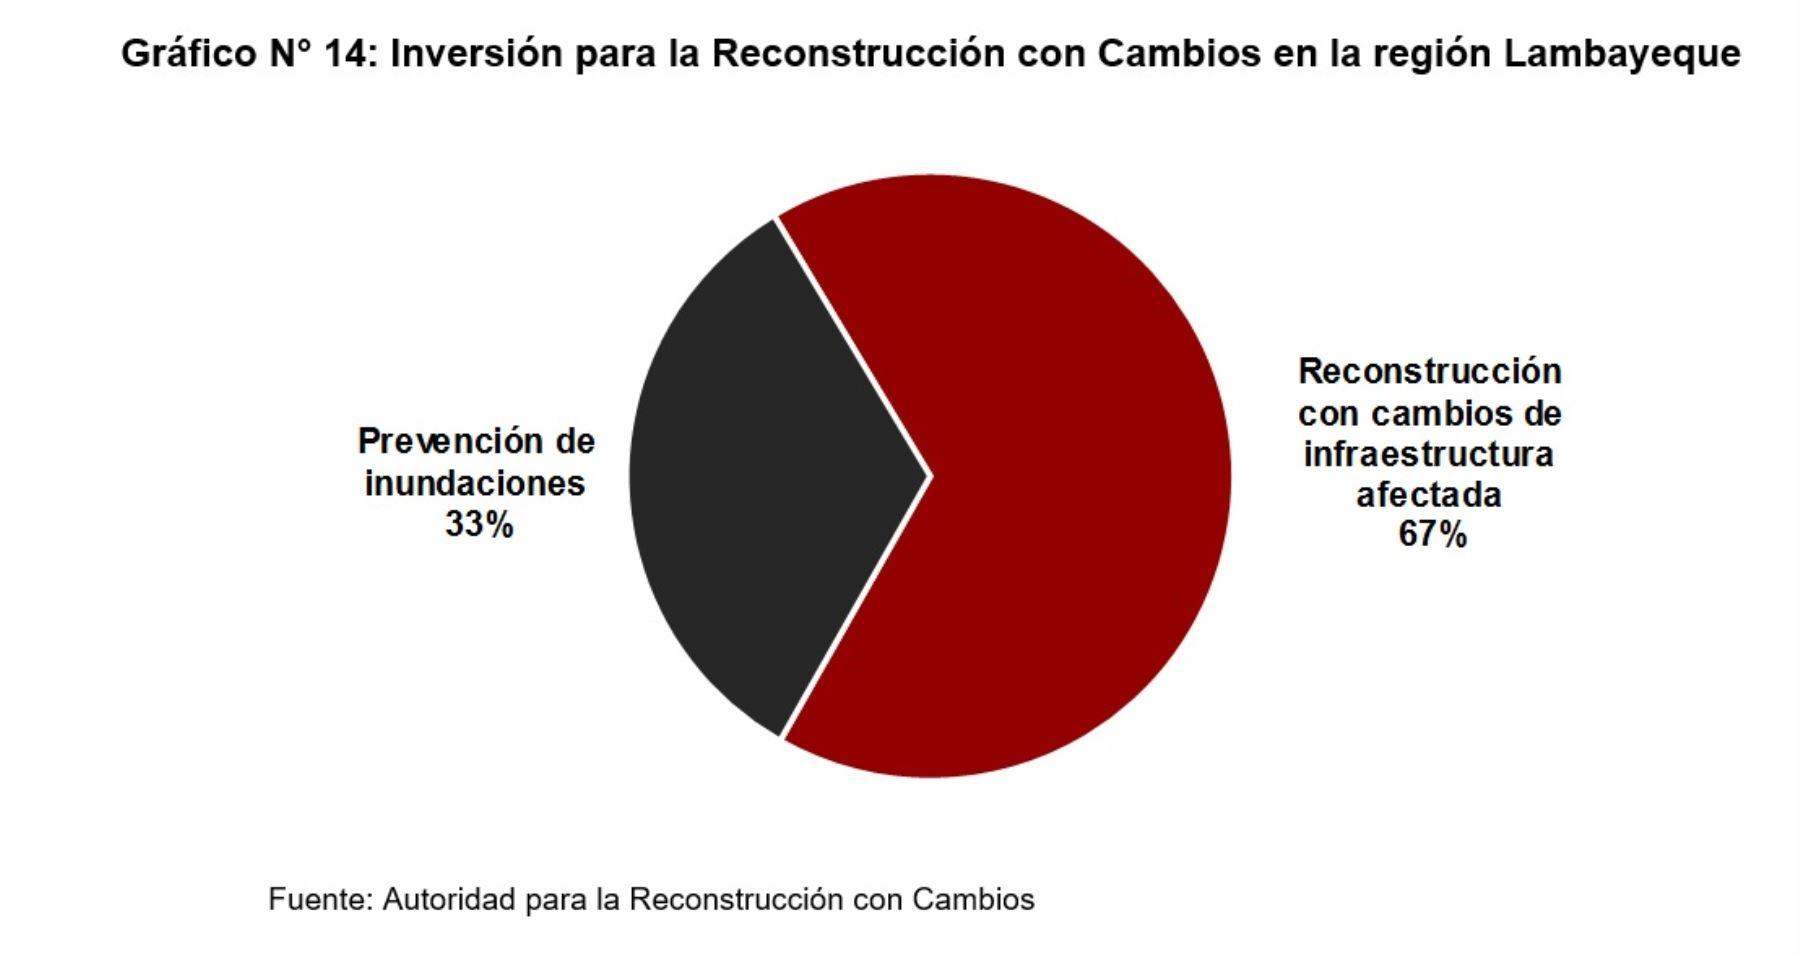 Inversión para la Reconstrucción con Cambios en la región Lambayeque, según la versión definitiva del Plan Integral de la Reconstrucción con Cambios 2017.